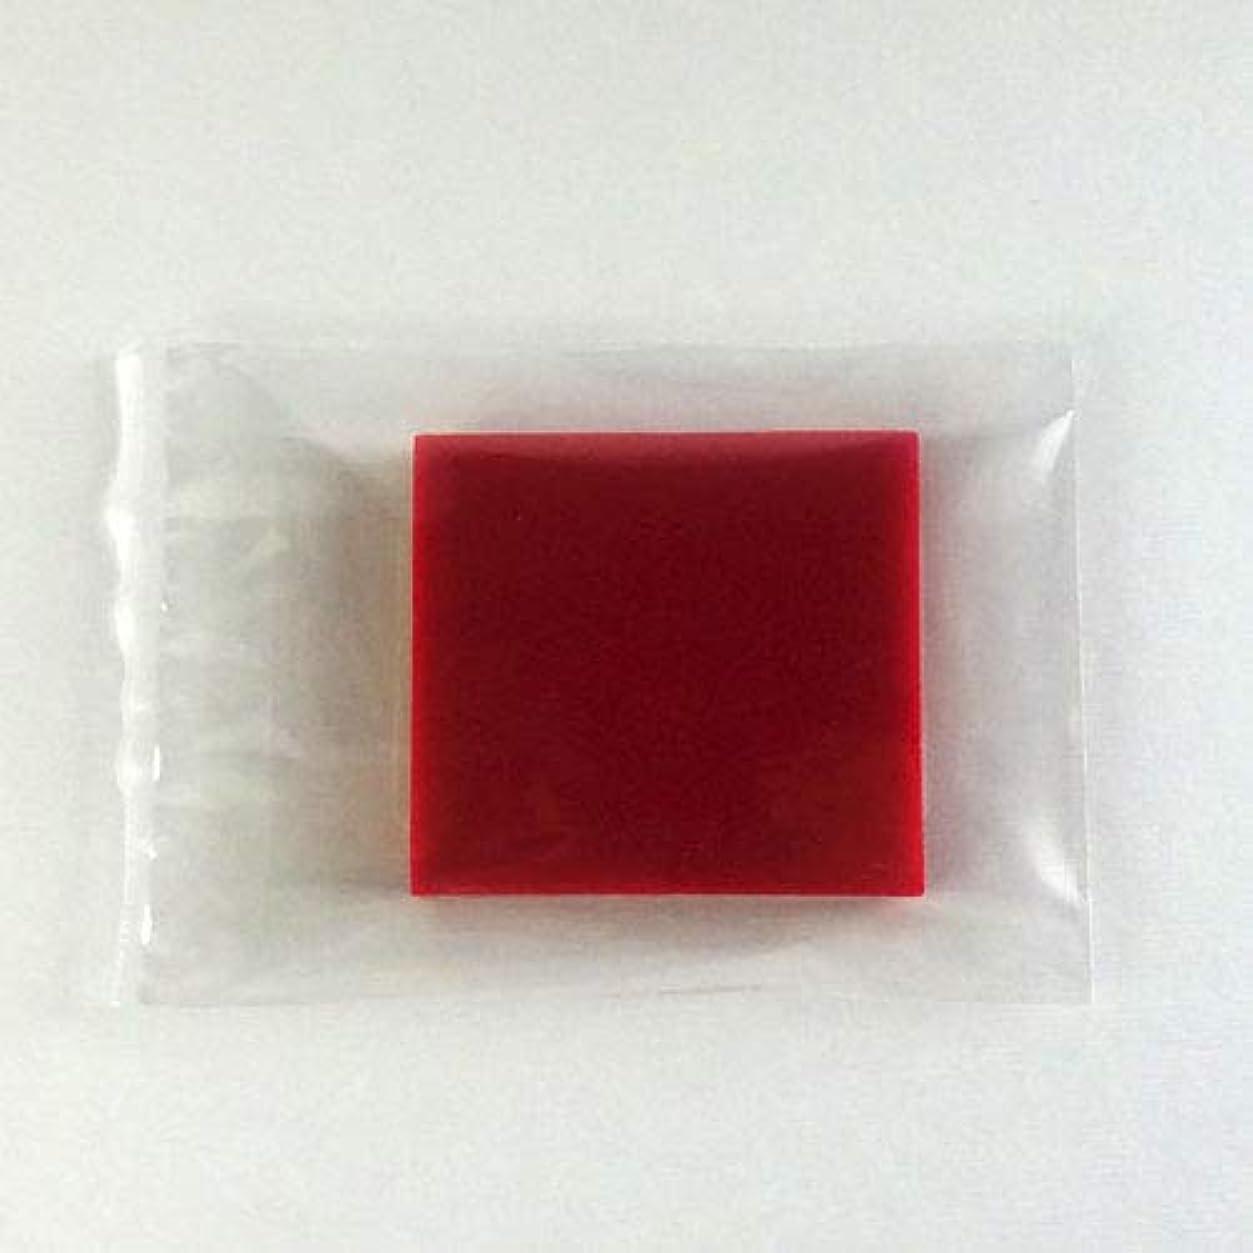 ブロック真珠のようなコレクショングリセリンソープ MPソープ 色チップ 赤(レッド) 60g(30g x 2pc)